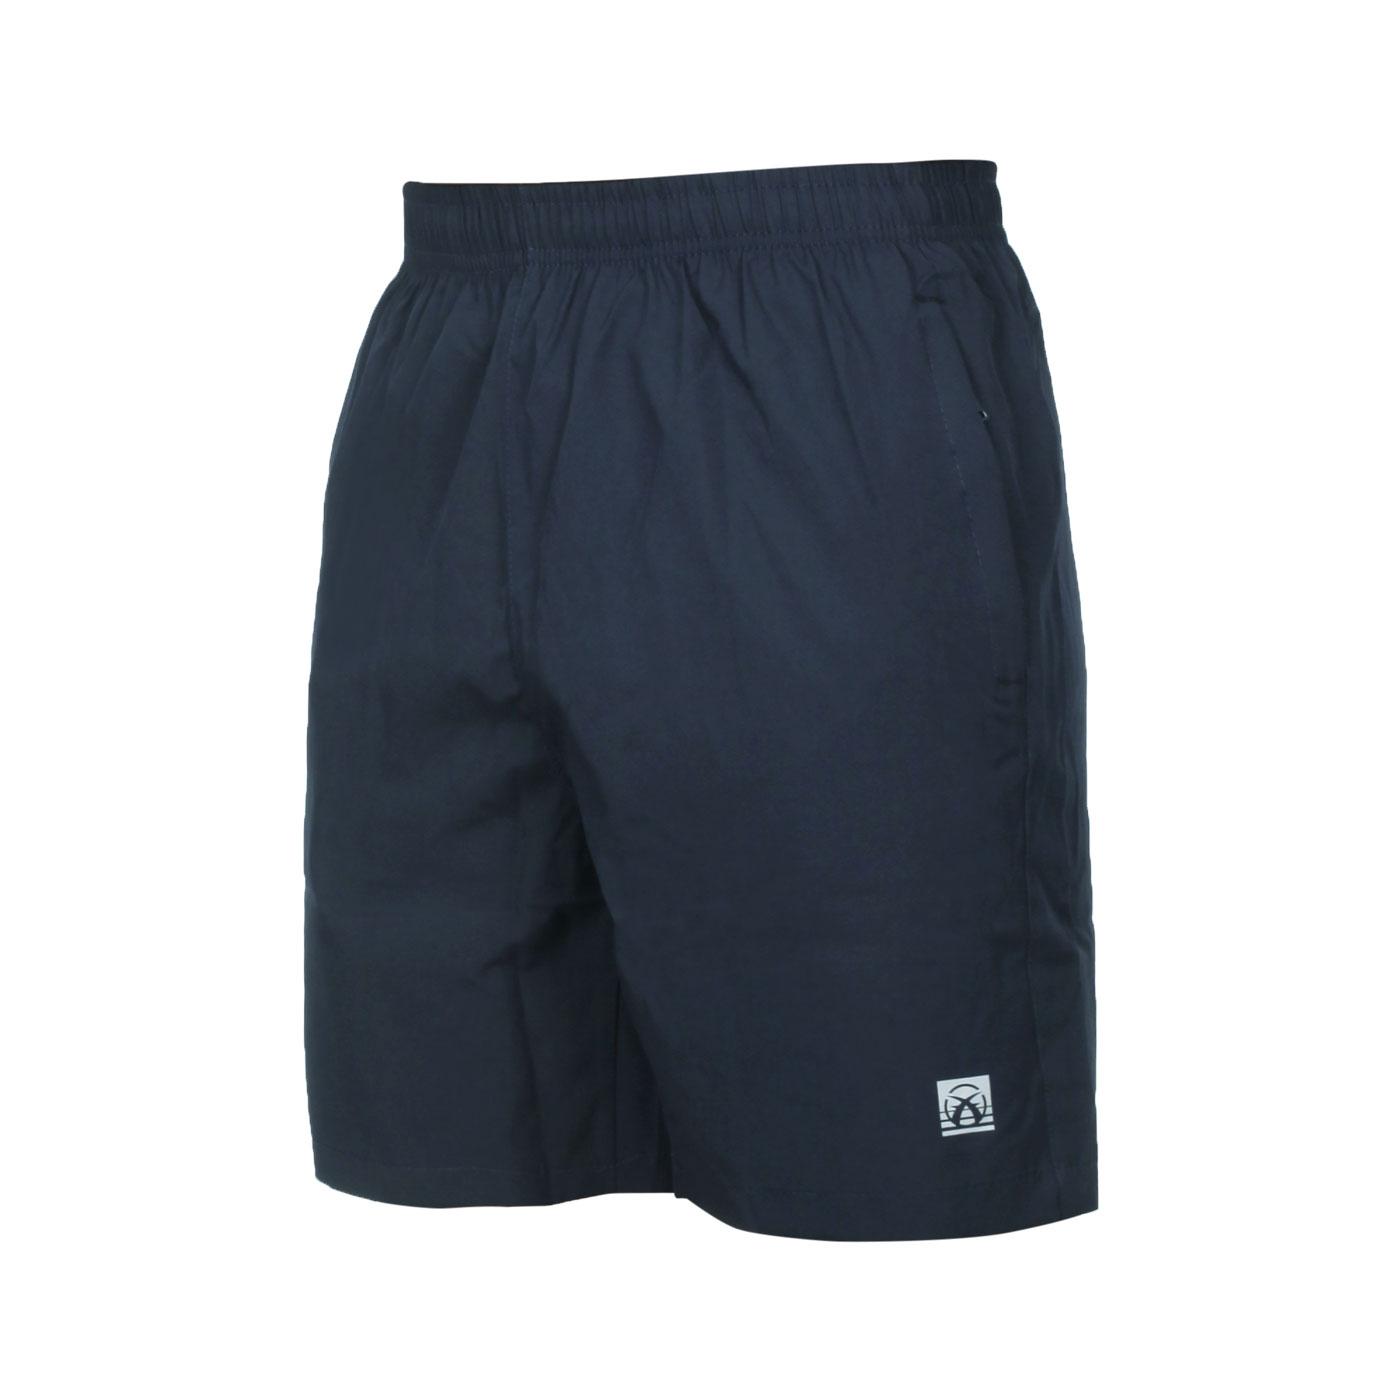 FIRESTAR 男款彈性平織短褲 C1719-93 - 丈青銀